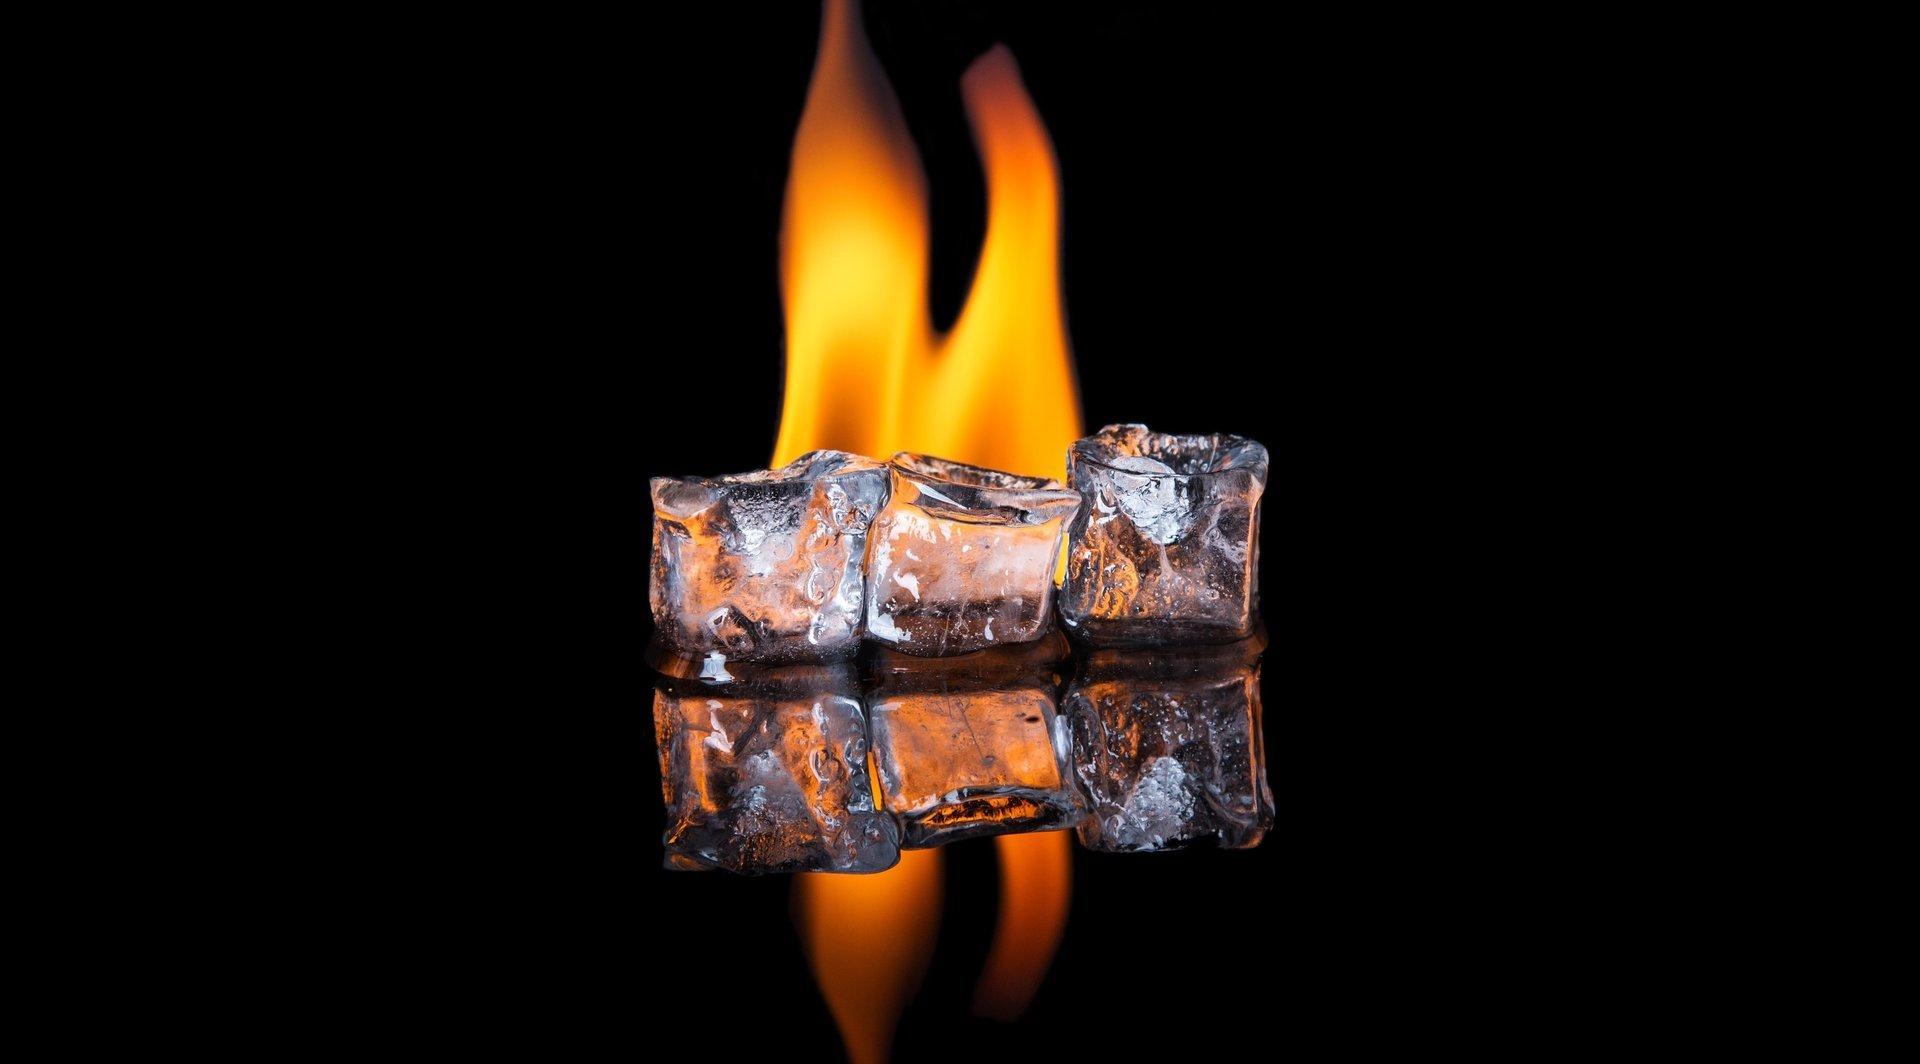 cubetti di ghiaccio e fuoco